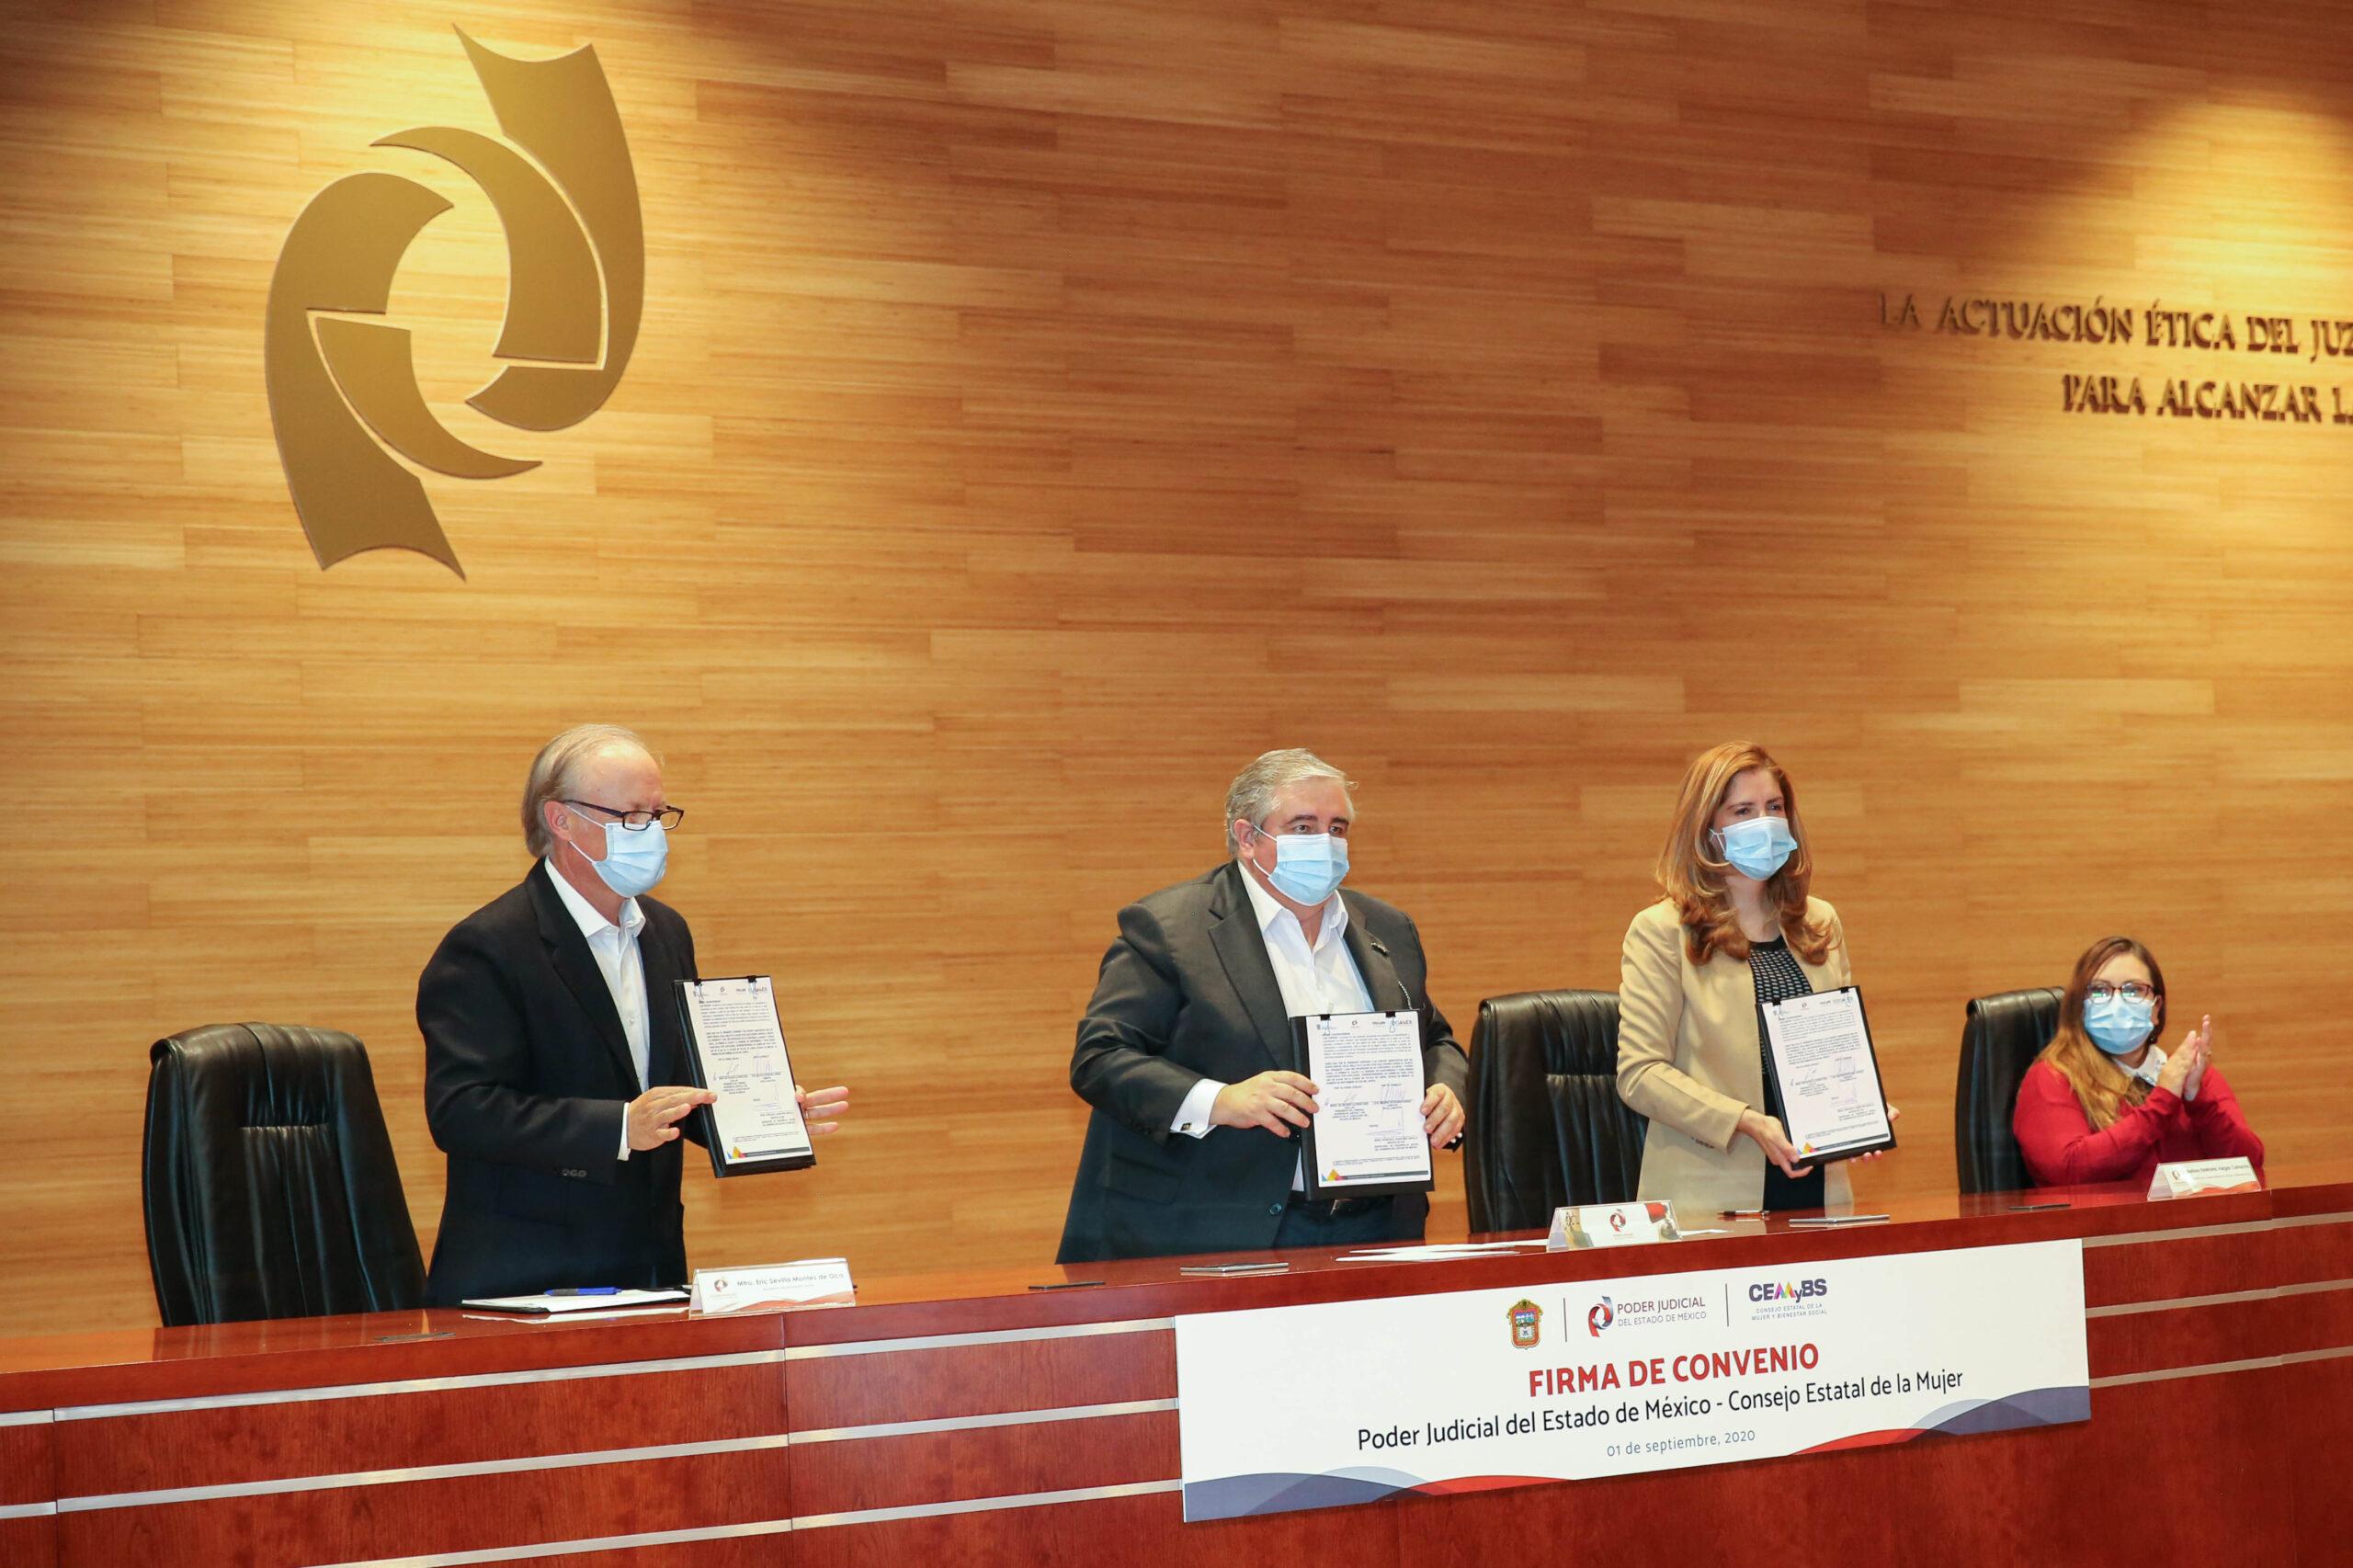 Firman convenios PJEDOMEX - CEMyBS para atender violencia vs mujeres